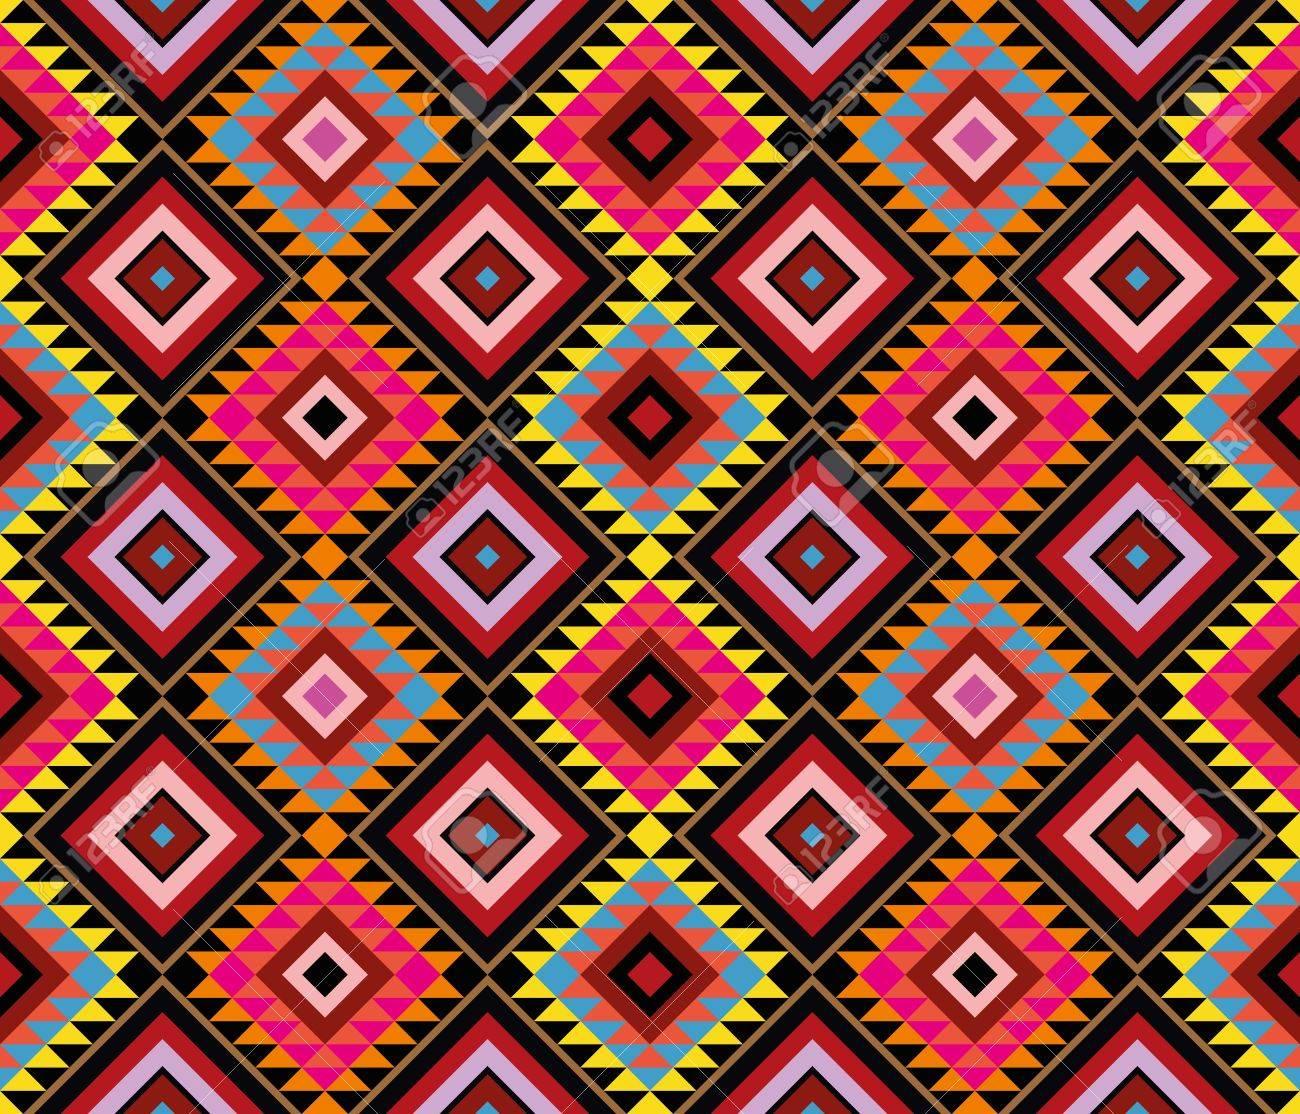 アメリカのネイティブ パターン ベクトルのシームレスな壁紙 のイラスト素材 ベクタ Image